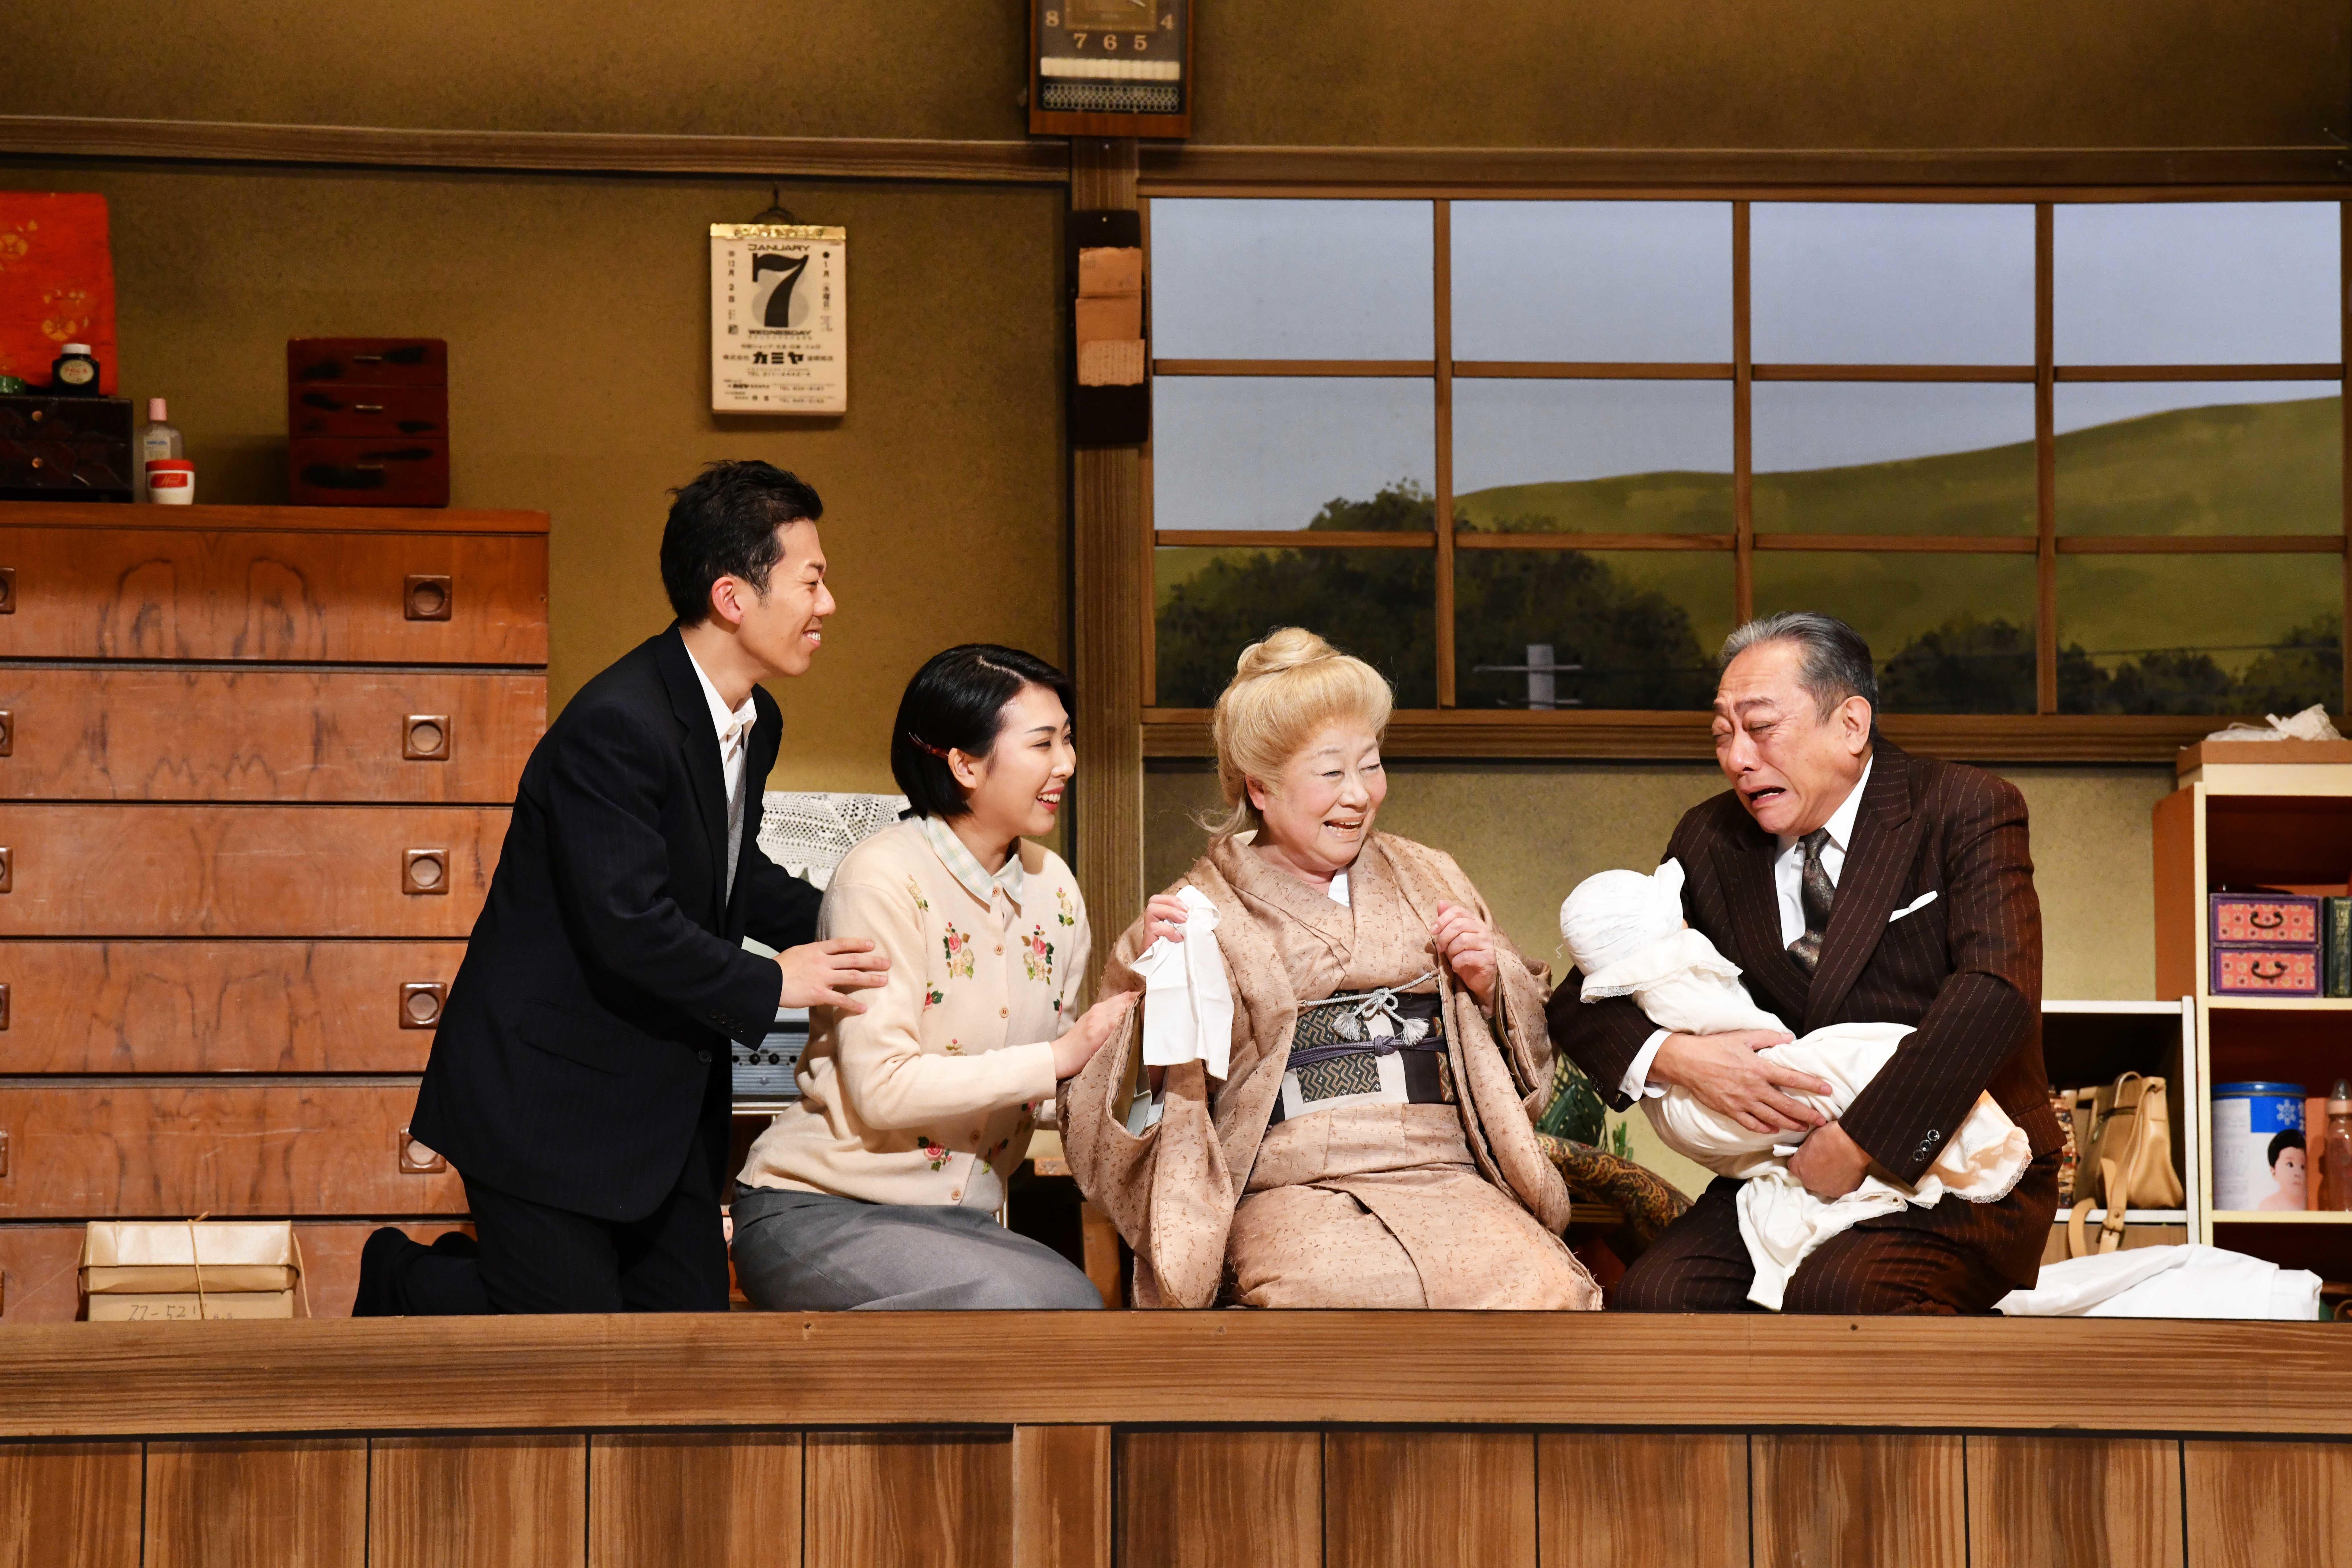 左から藤山扇治郎、春本由香、水谷八重子、渋谷天外(オフィシャル提供) (C)松竹